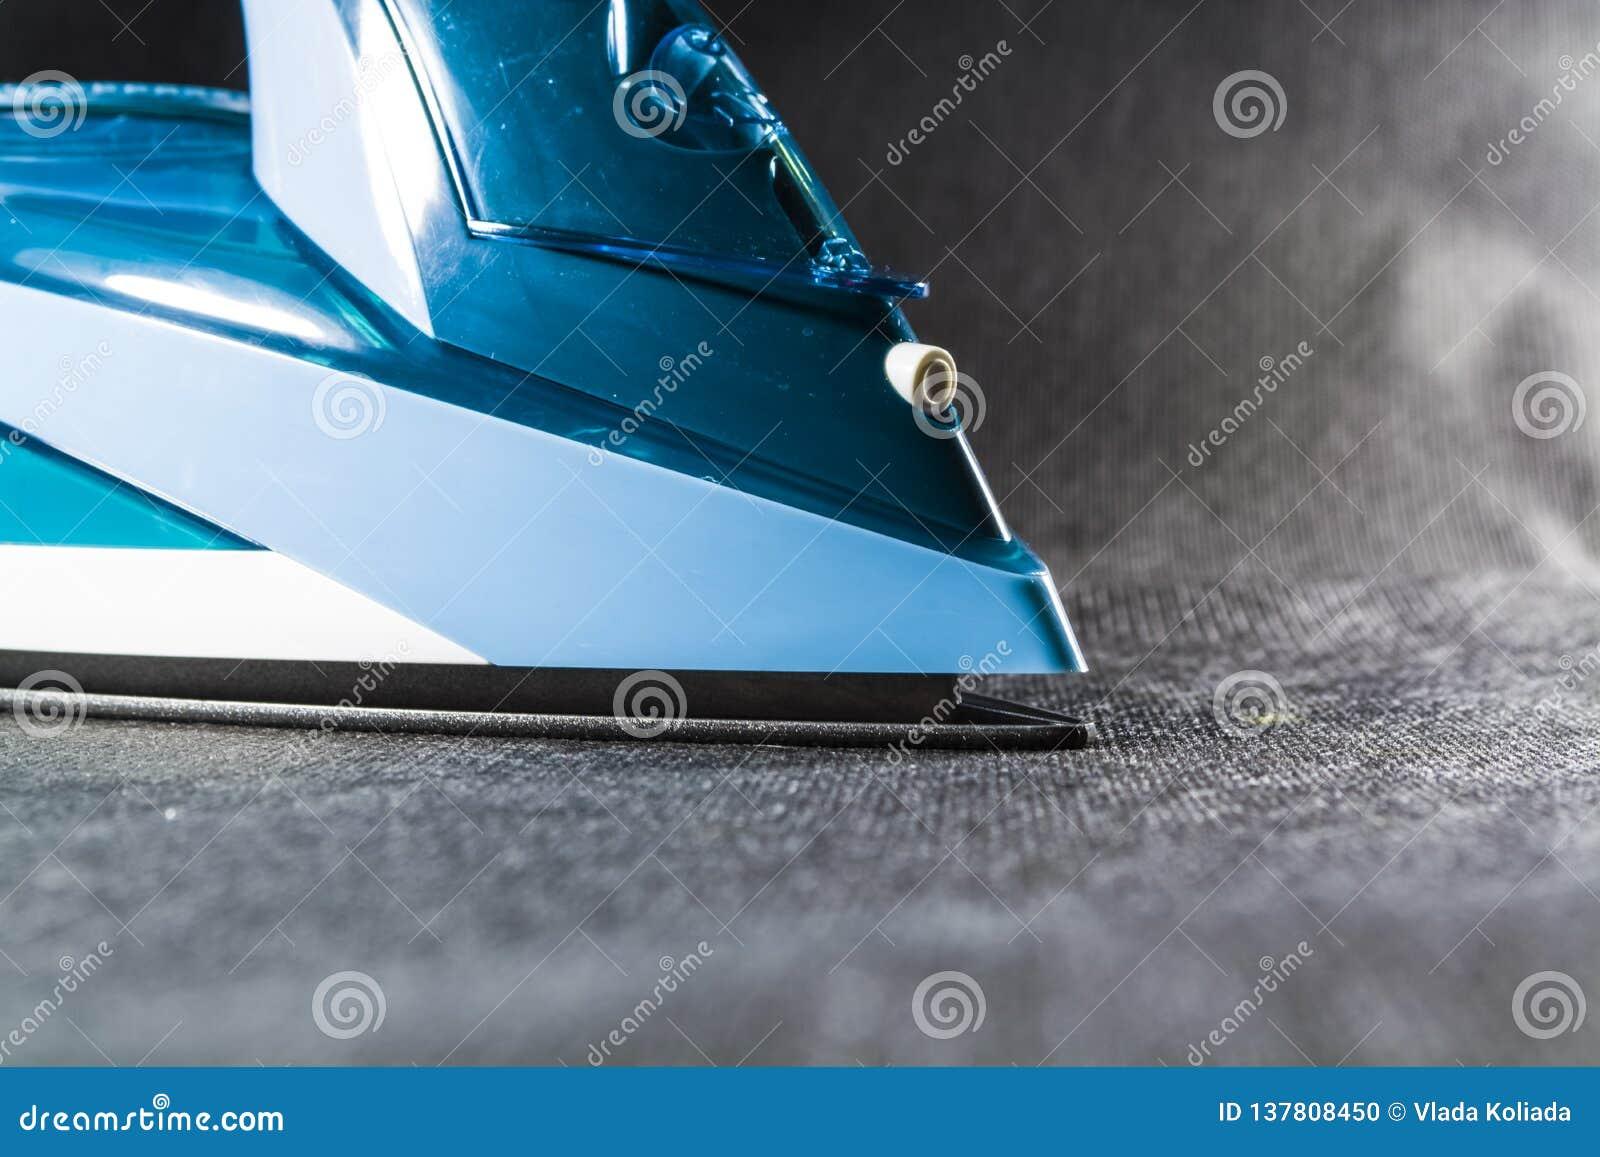 Błękitny żelazo dla odprasowywać odziewa Monophonic czarny tło gospodarstw domowych urządzenia elektronika nowożytne technologie